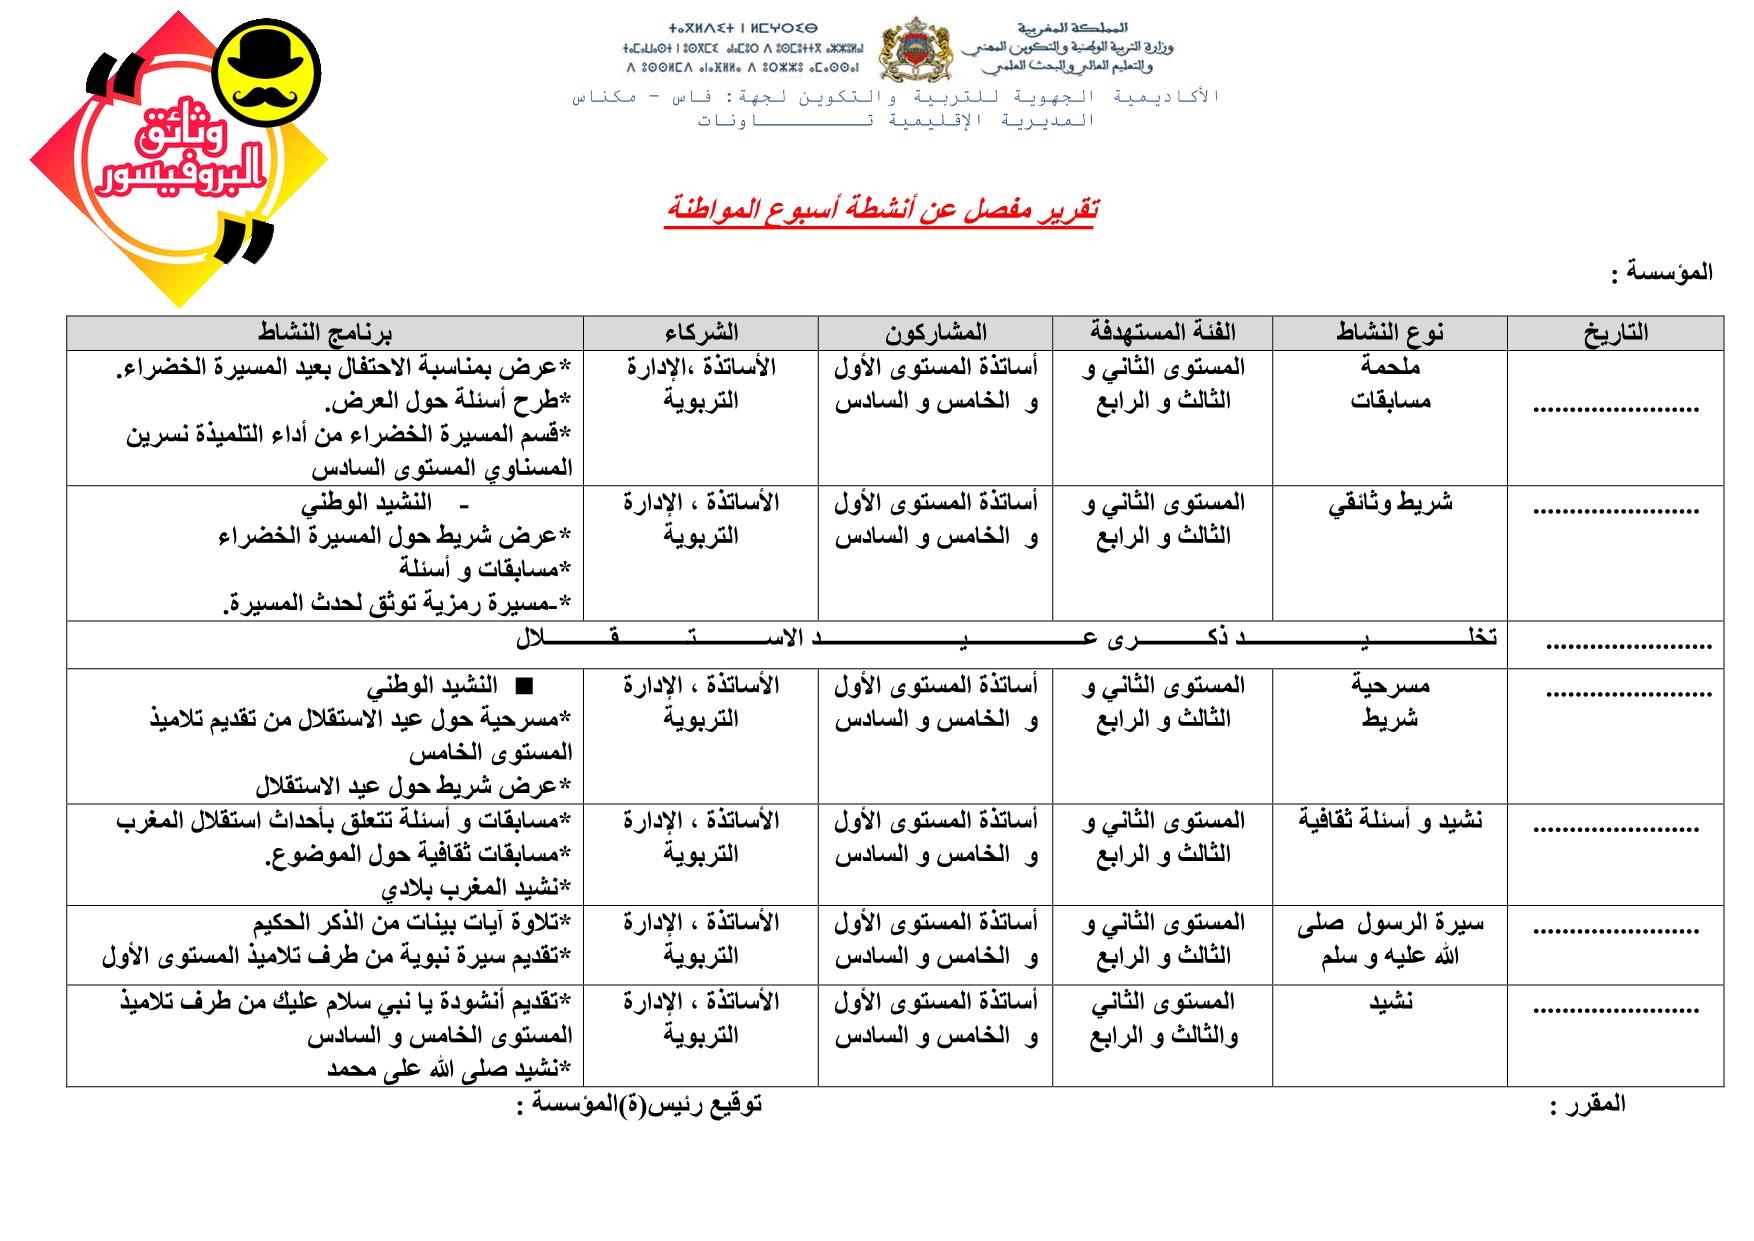 نموذج تقرير مفصل حول أنشطة أسبوع المواطنة .